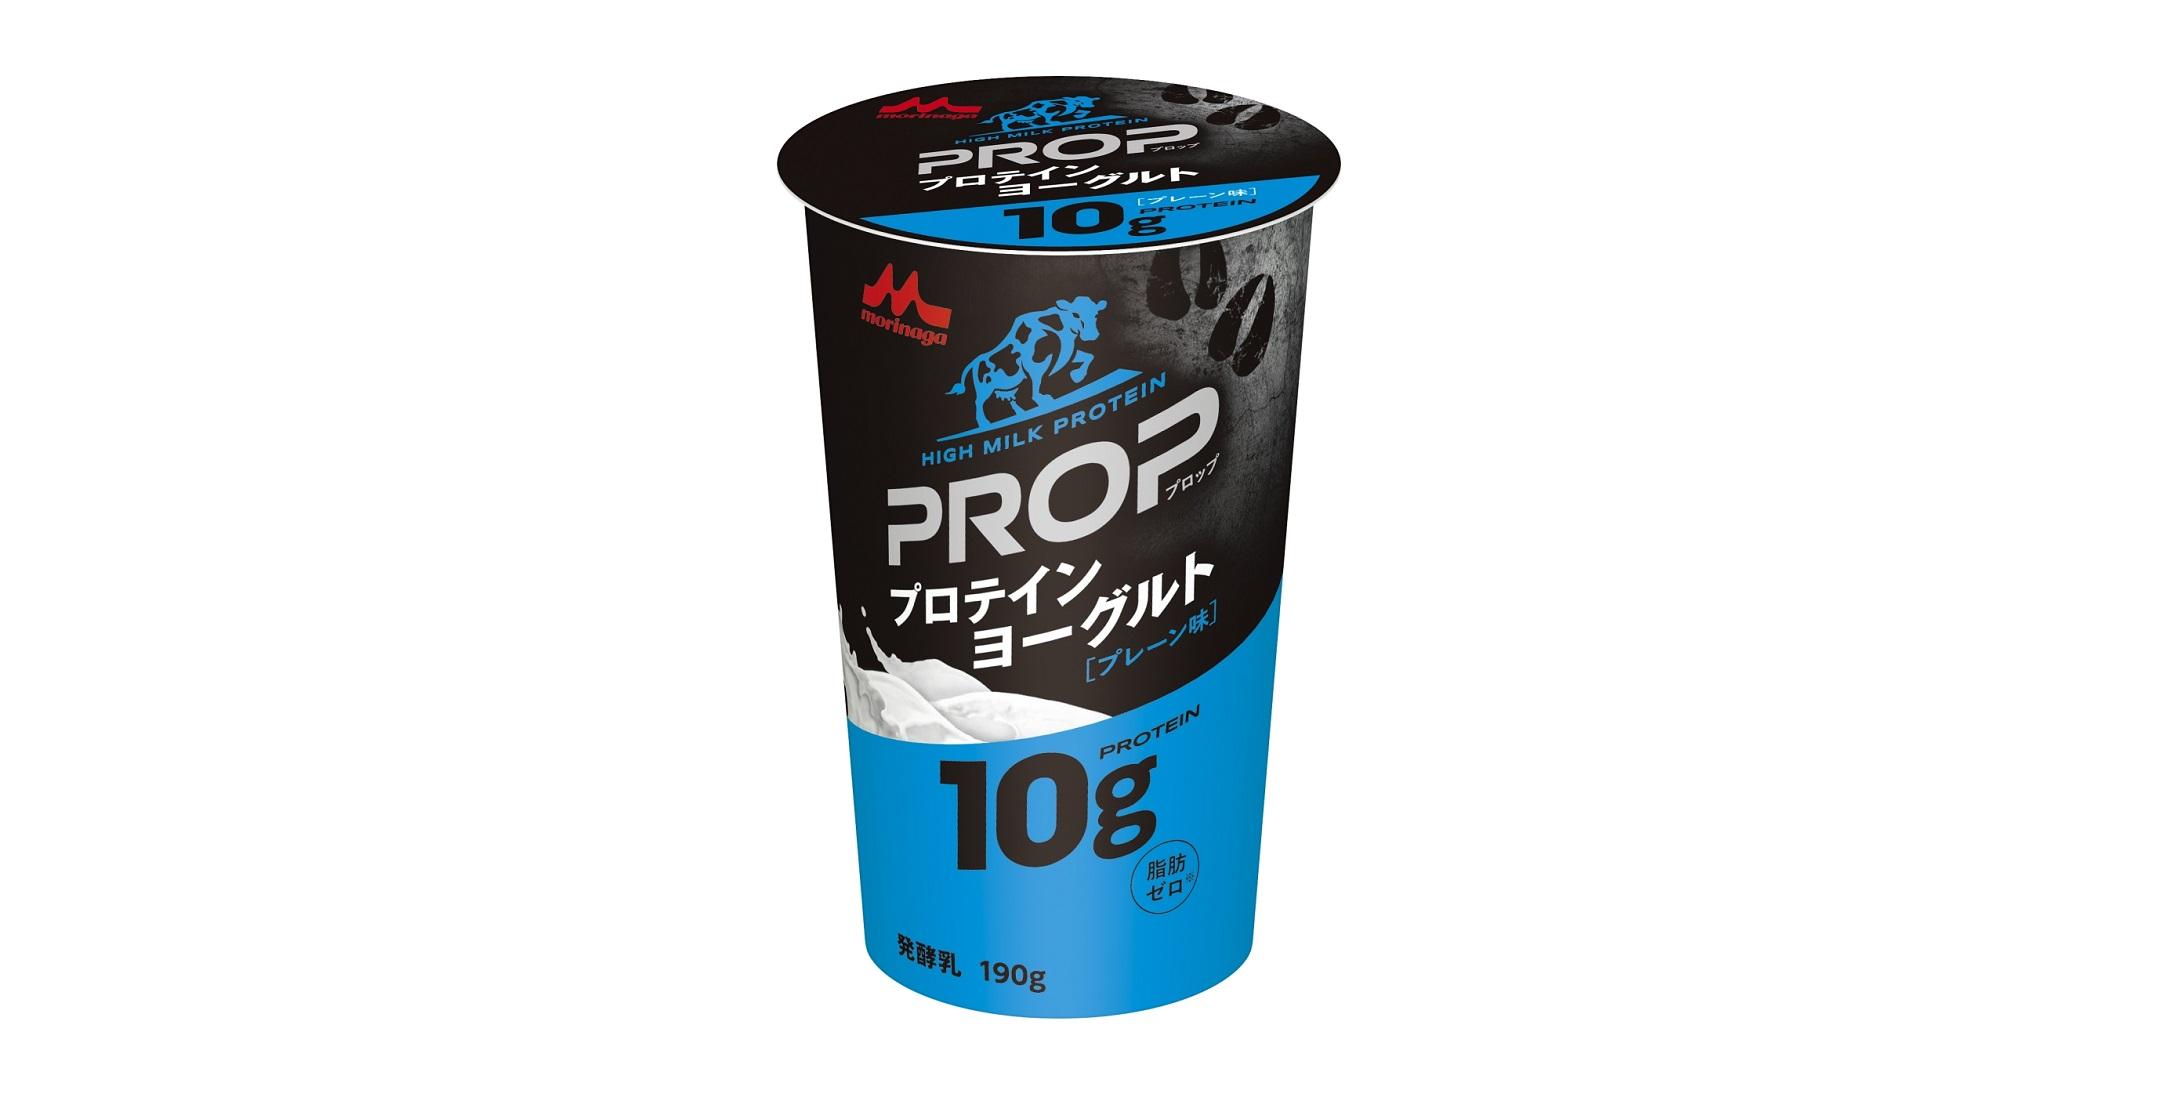 森永乳業から「PROP プロテインヨーグルト プレーン味」新登場。脂肪ゼロ、牛乳由来のたんぱく質10g配合